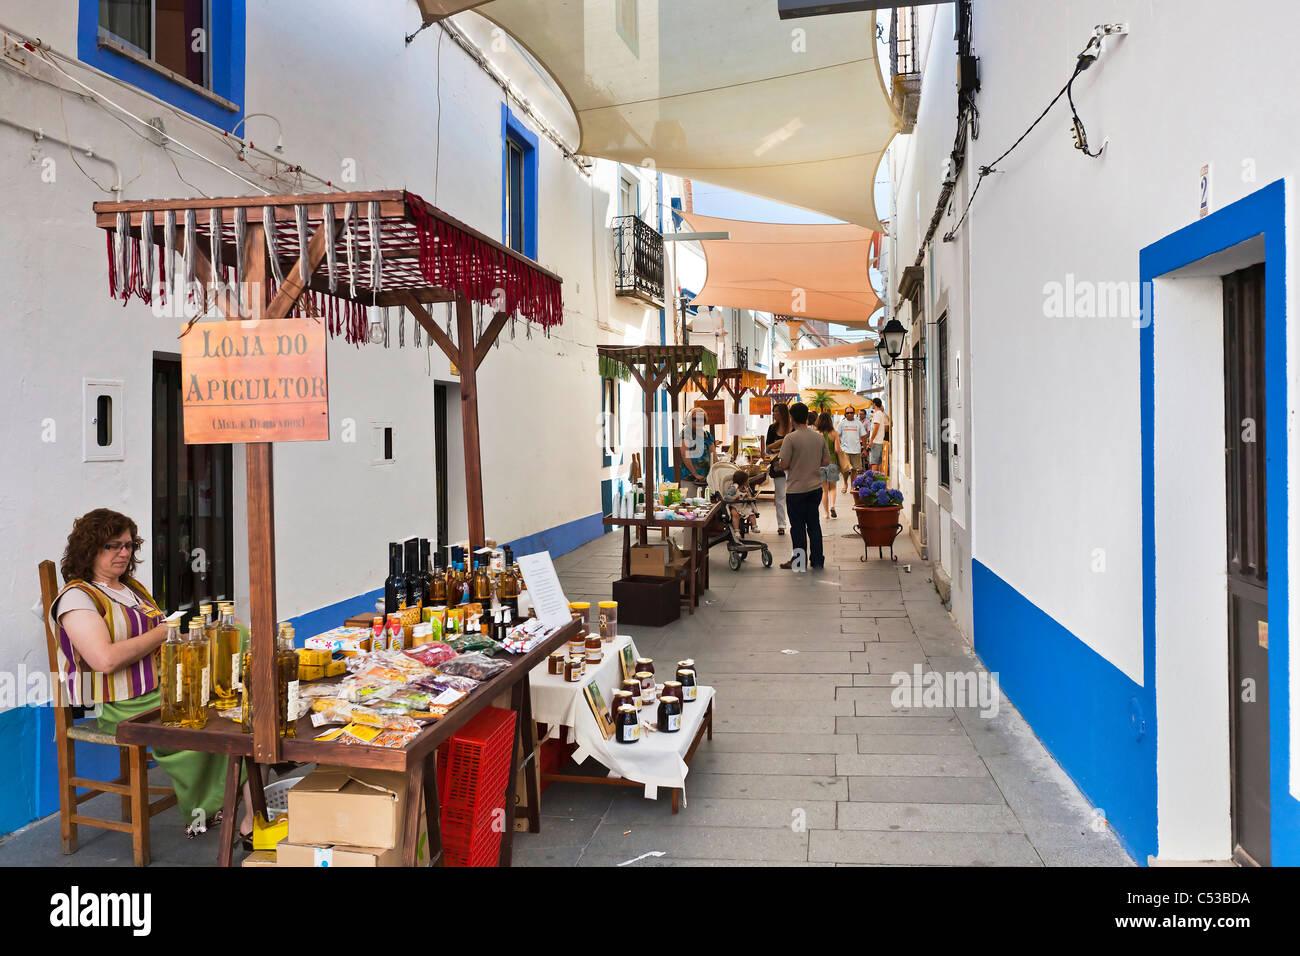 Risultati immagini per arraiolos portogallo